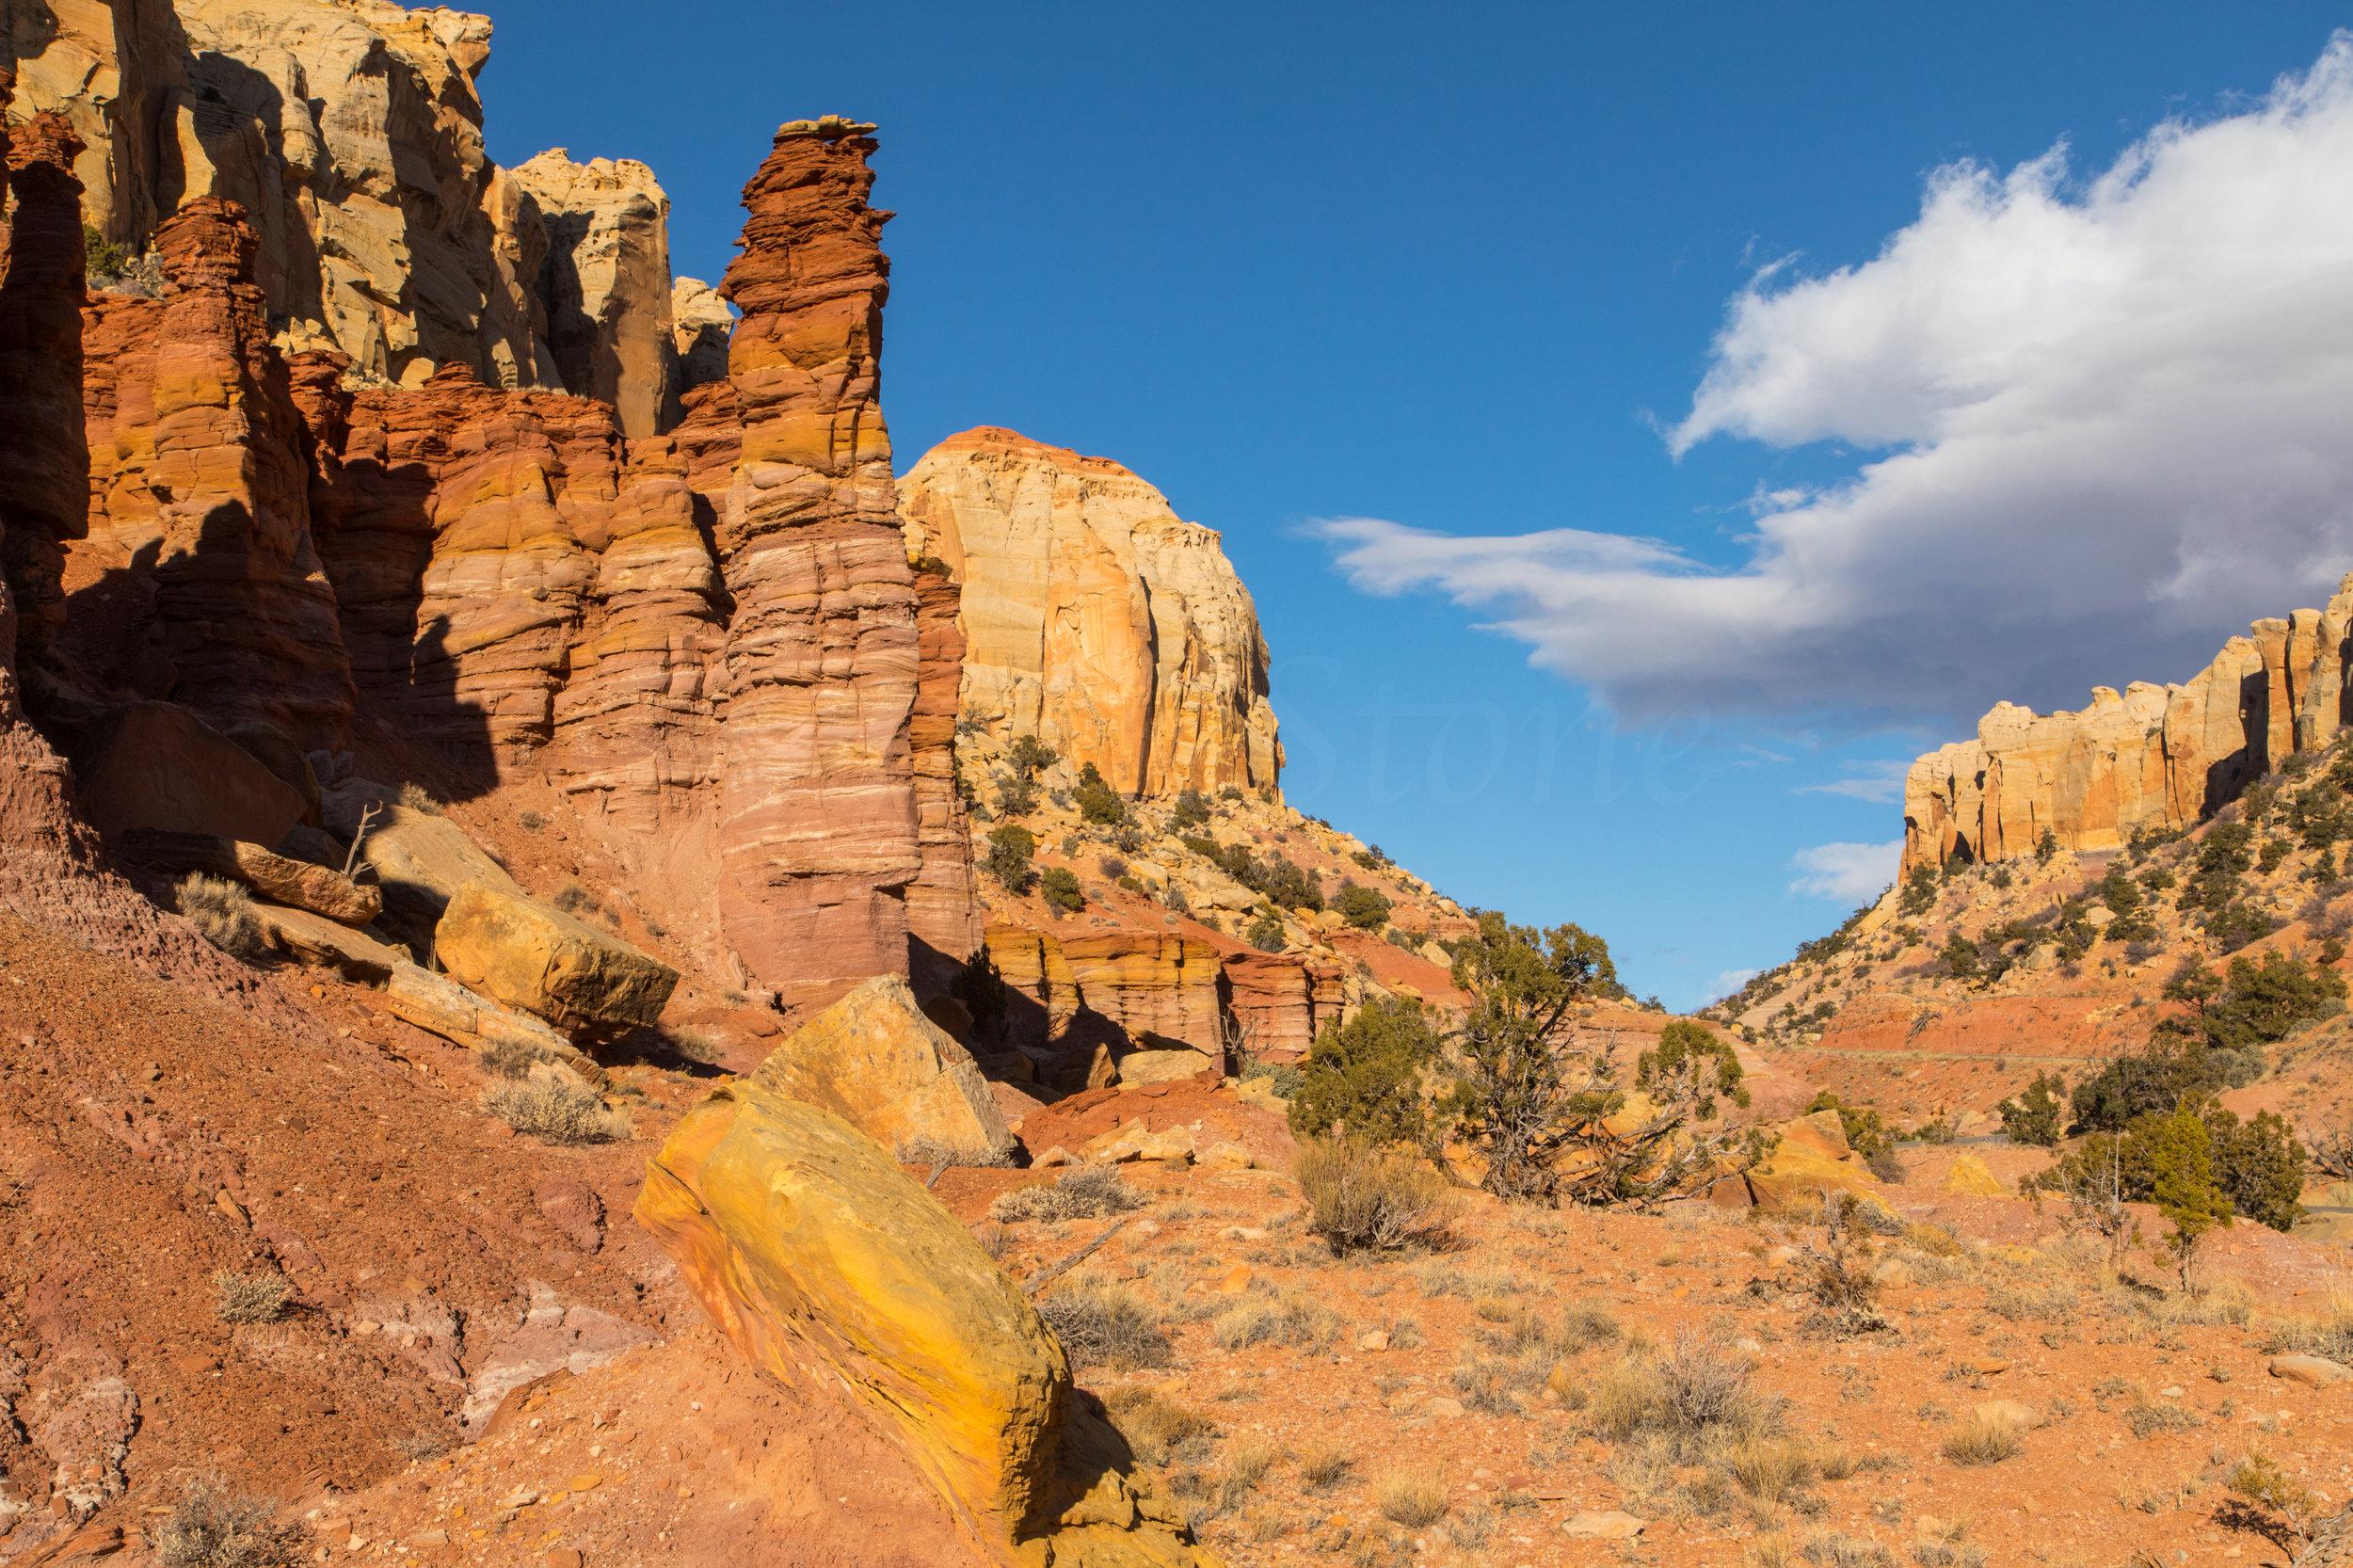 Burr Trail, Image # 4375